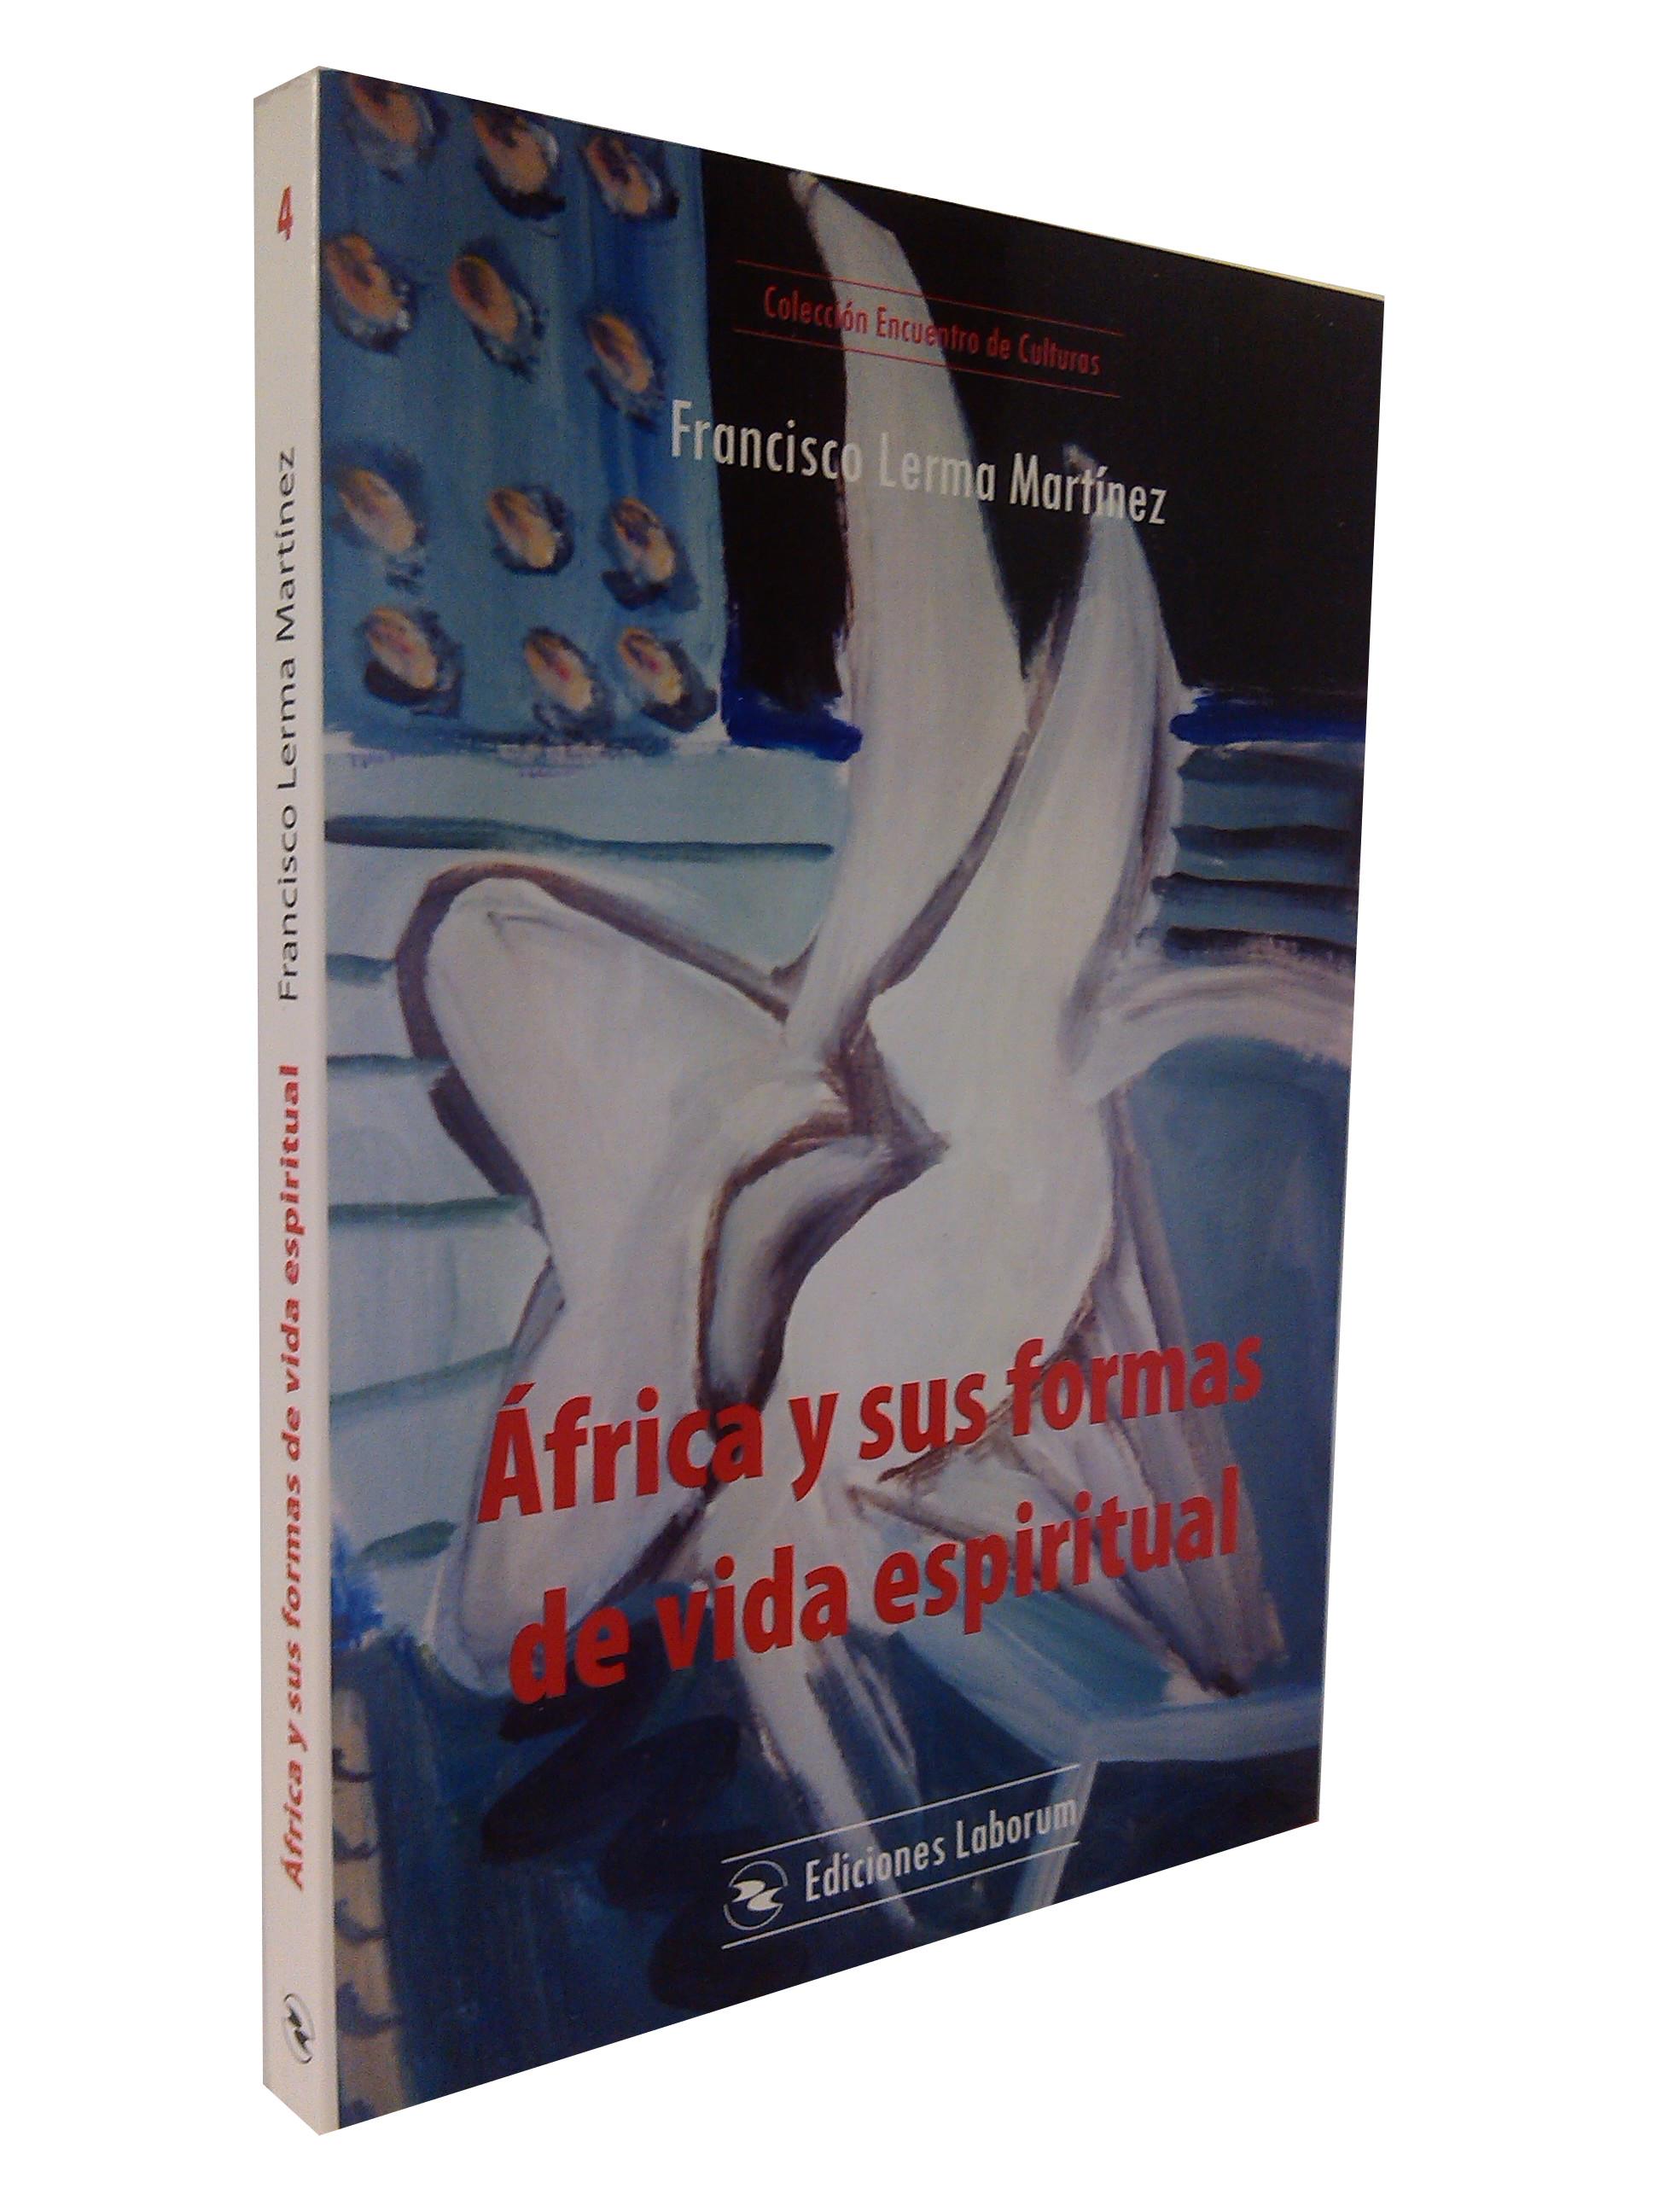 África y sus formas de vida espiritual